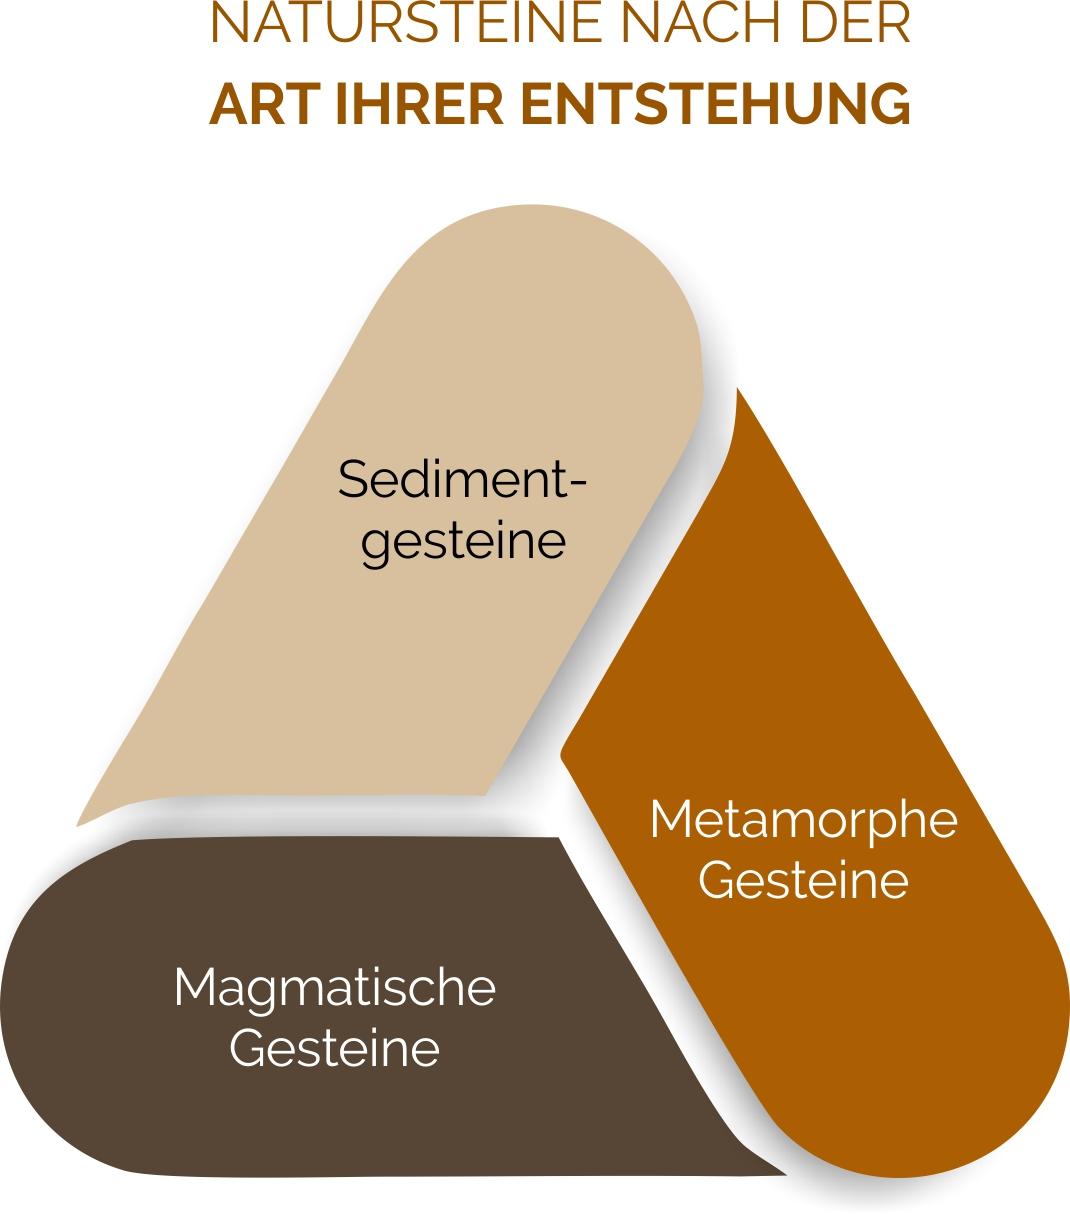 Differenzierung von Natursteinen nach ihrer Entstehung